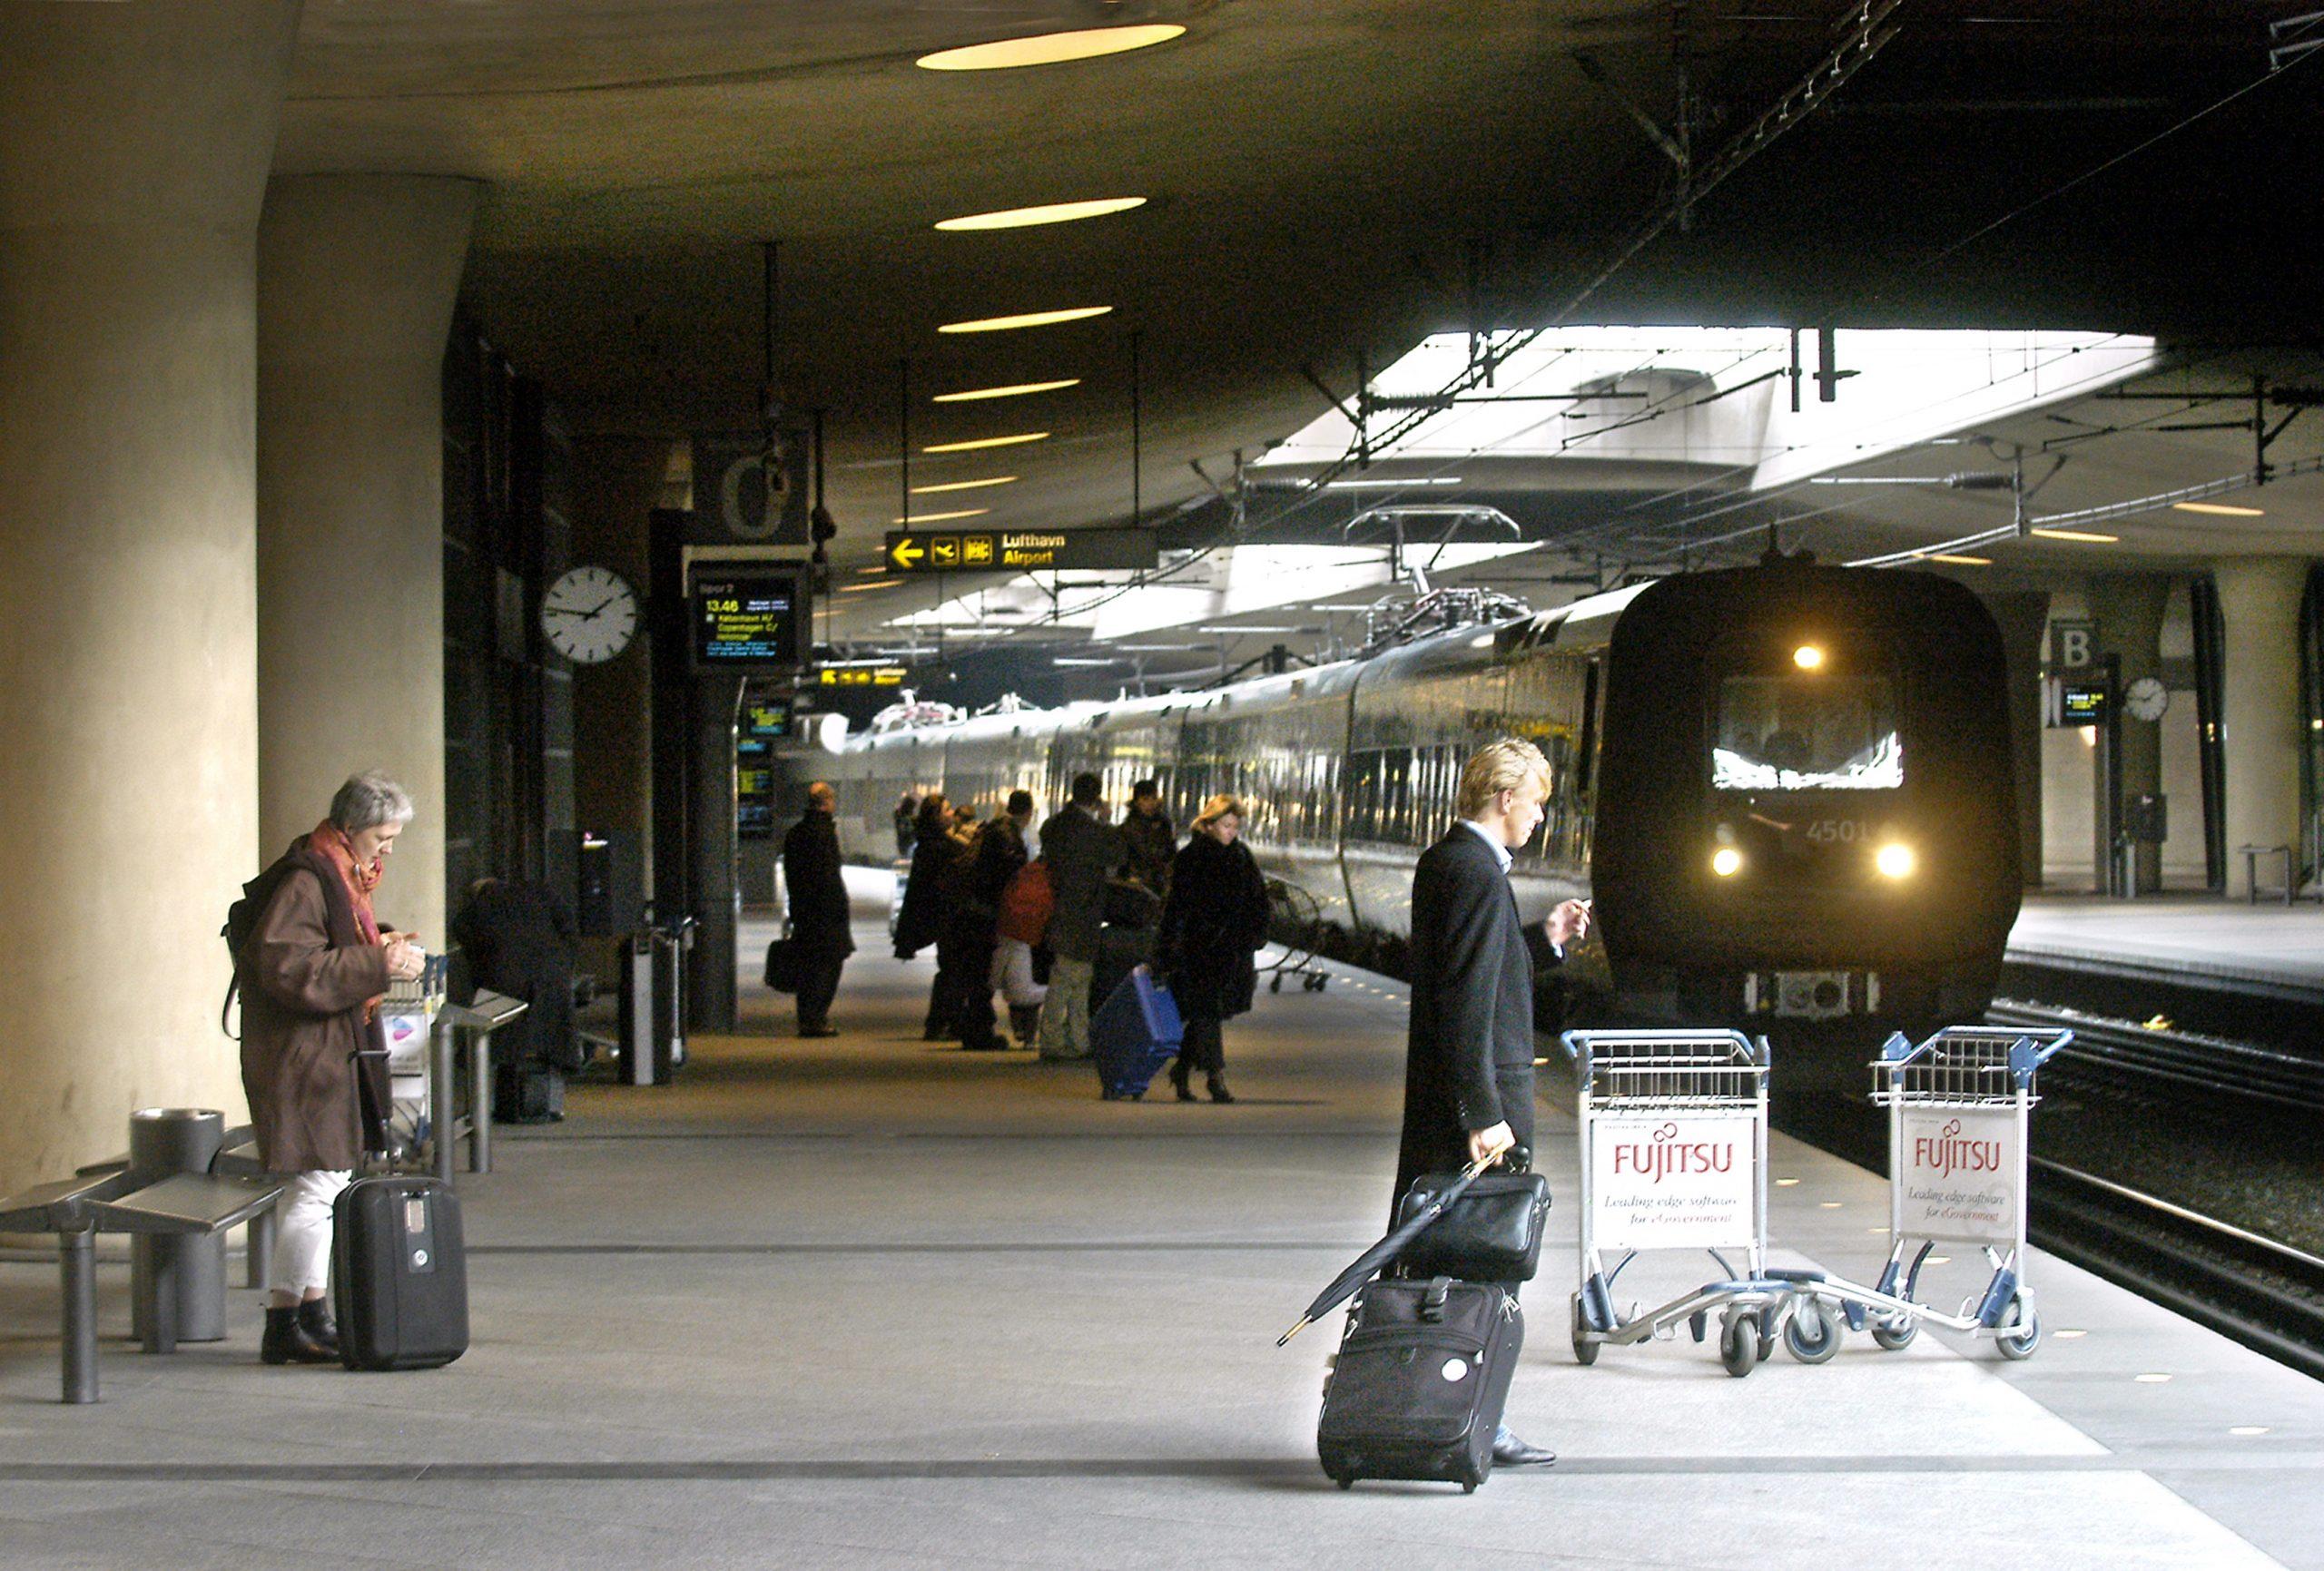 DSB bliver fra senere i år et sjældent syn på togstationen i Københavns Lufthavn. Svenske Skånetrafikken begynder fra i år helt at overtage togdriften mellem Østerport Station og Malmø. Arkivpressefoto fra DSB.